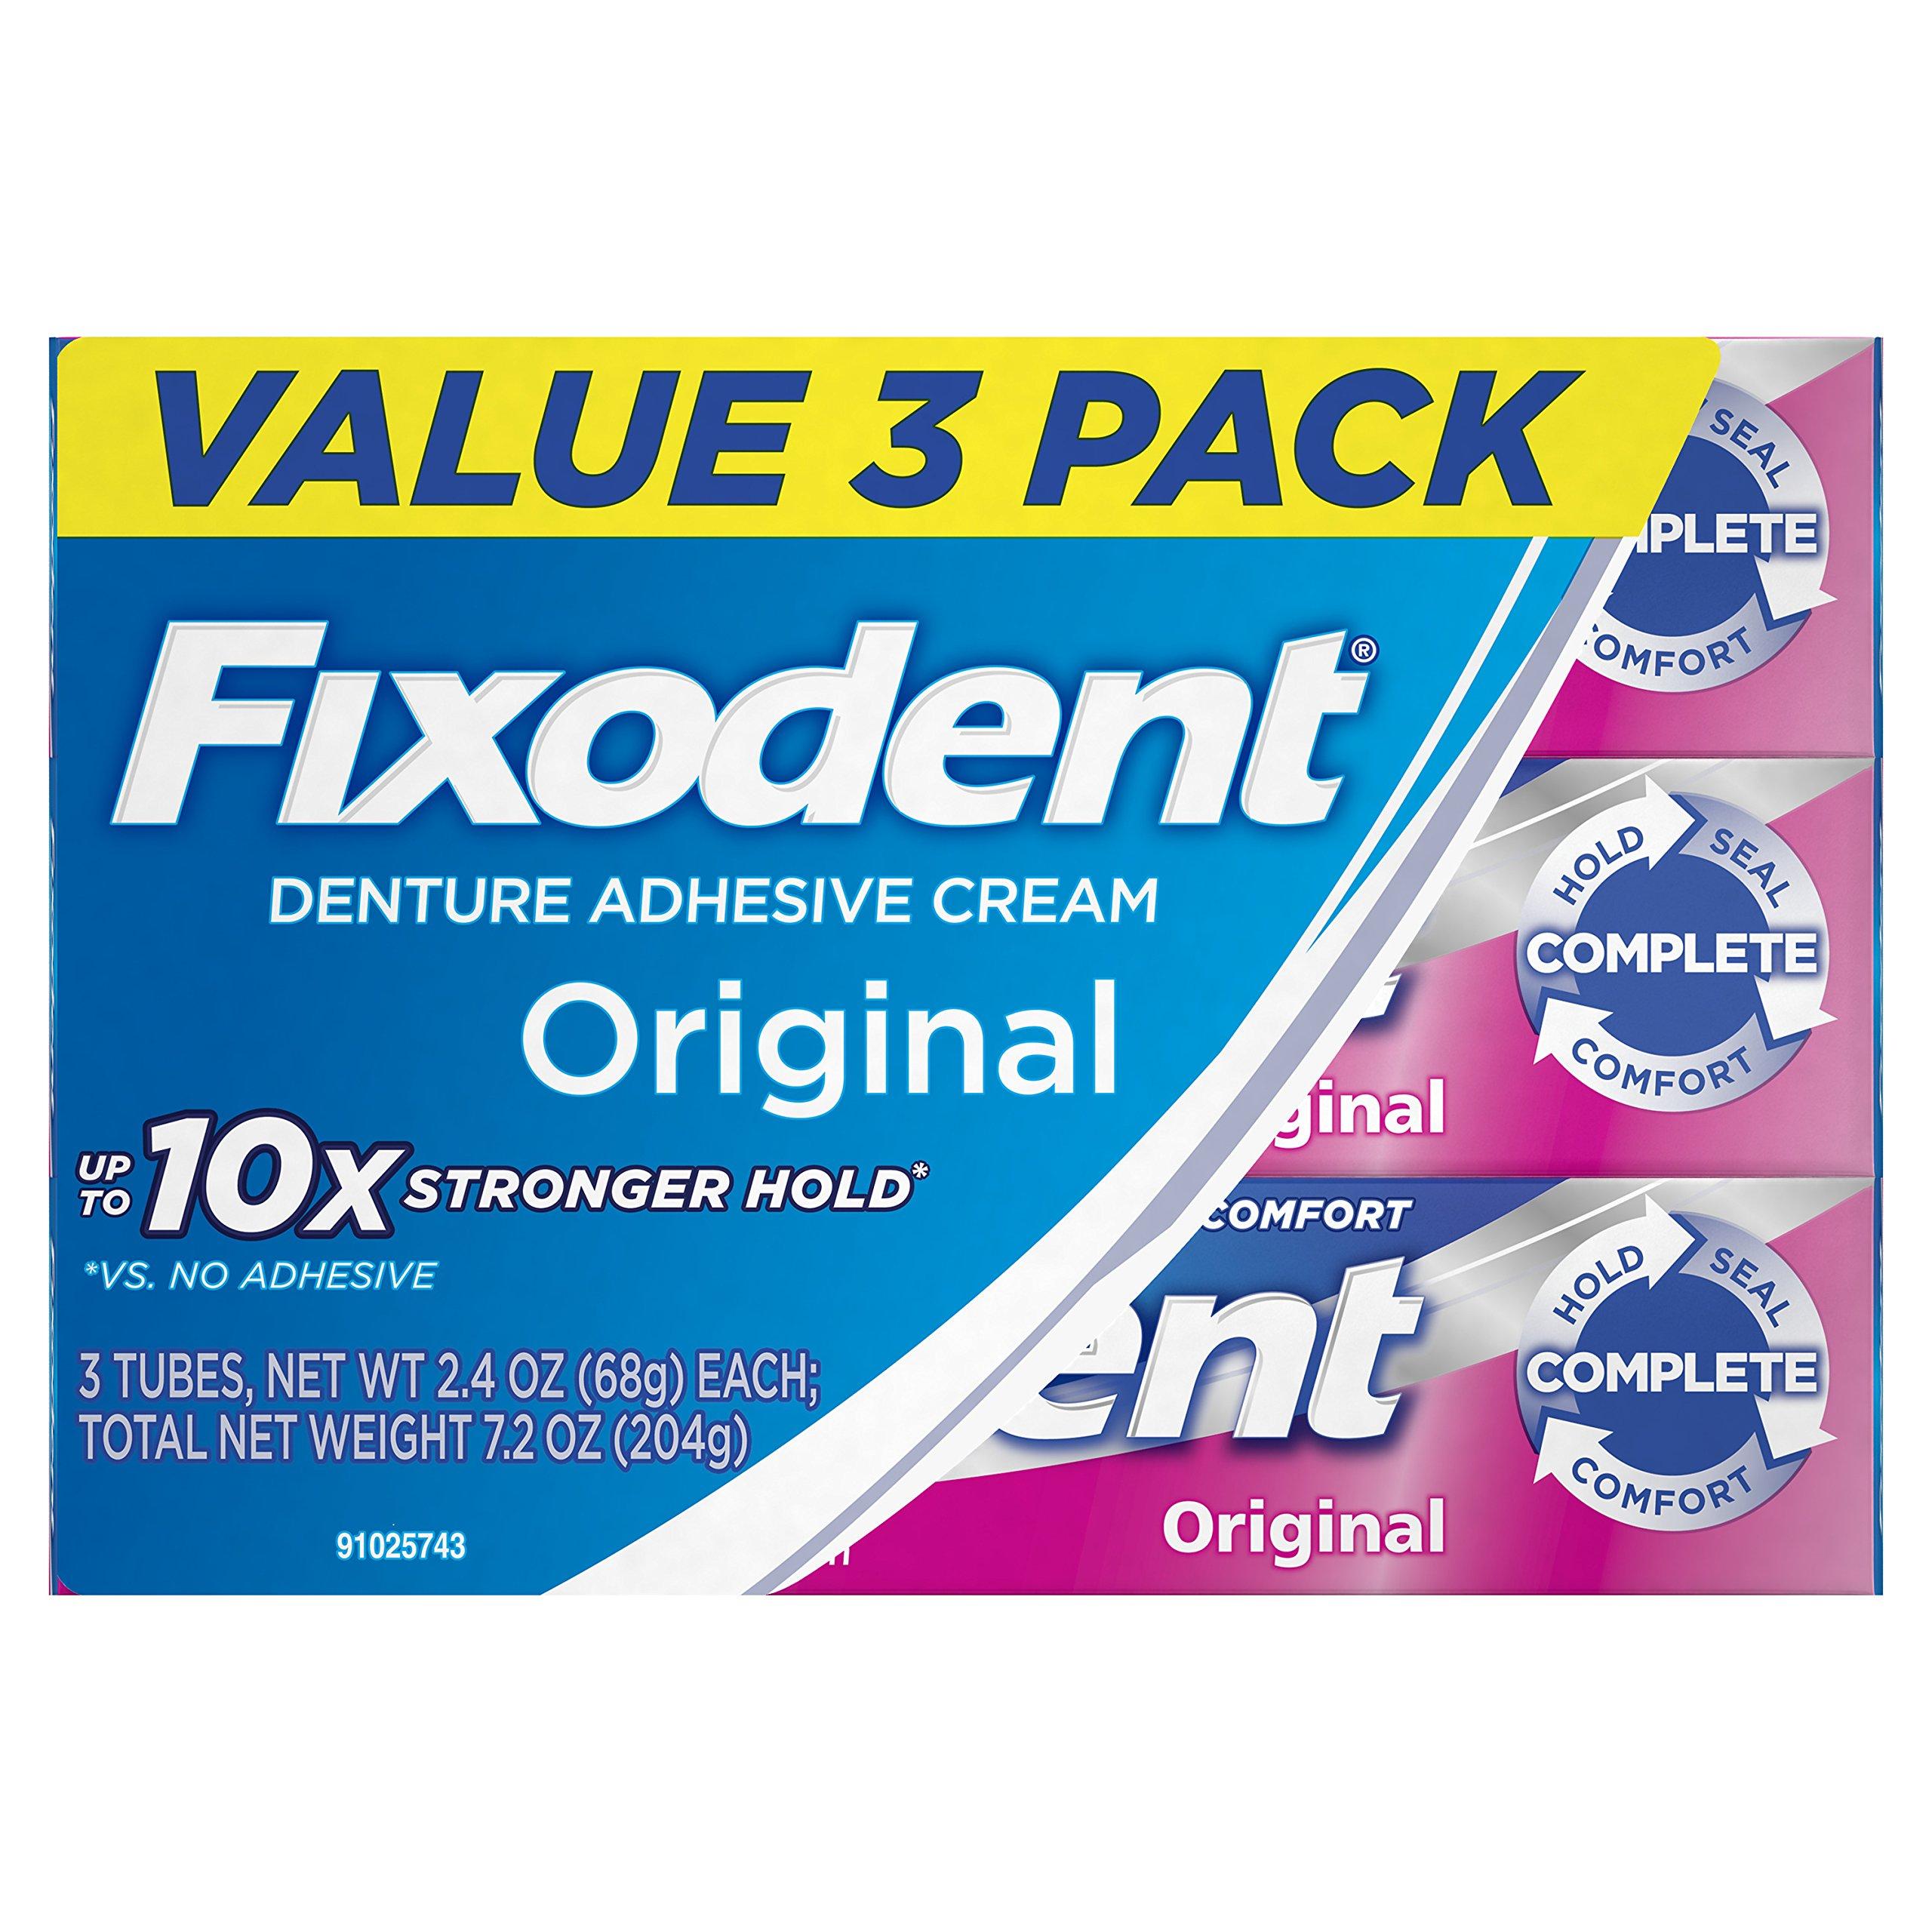 Fixodent Complete Original Denture Adhesive Cream, 2.4 oz, 3 Count